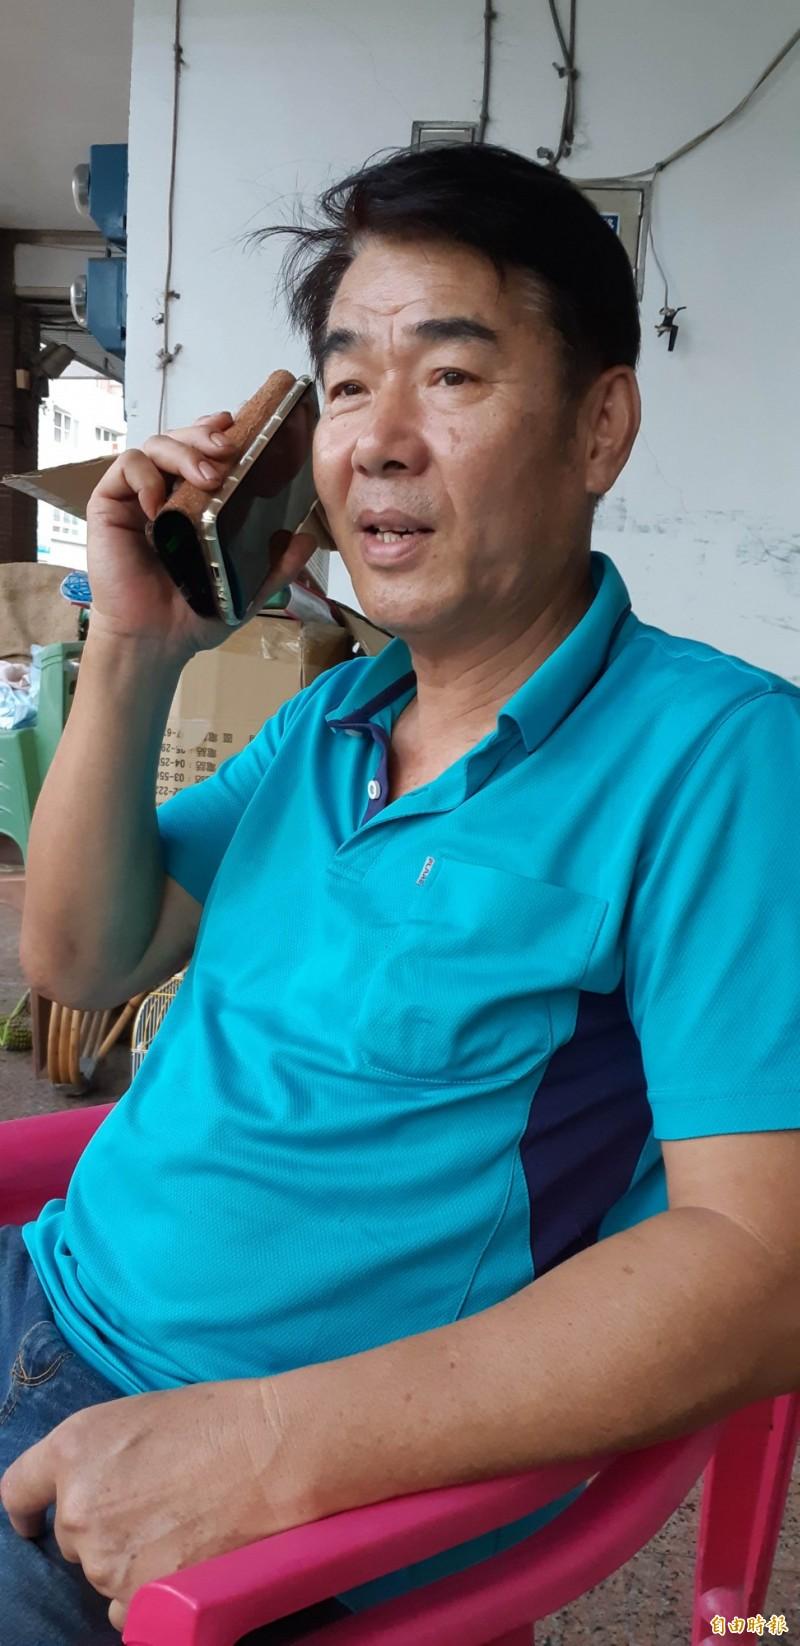 台東縣議員林參天憂心蘭嶼成為跨國運毒中繼站。(記者黃明堂攝)